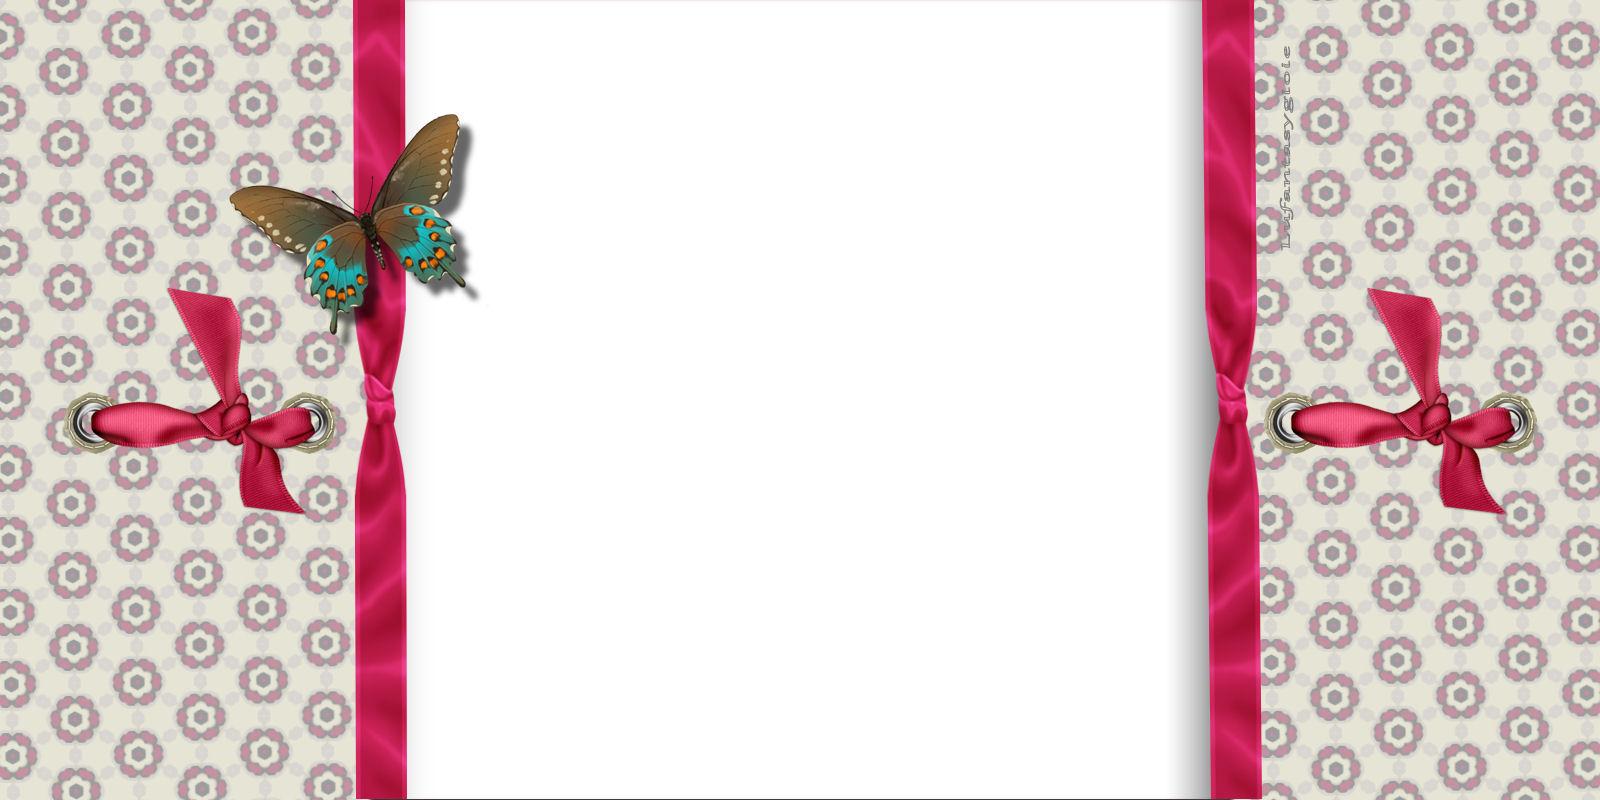 Solo sfondi lu sfondo di cuori fiori o farfalle n 106 for Sfondi con farfalle